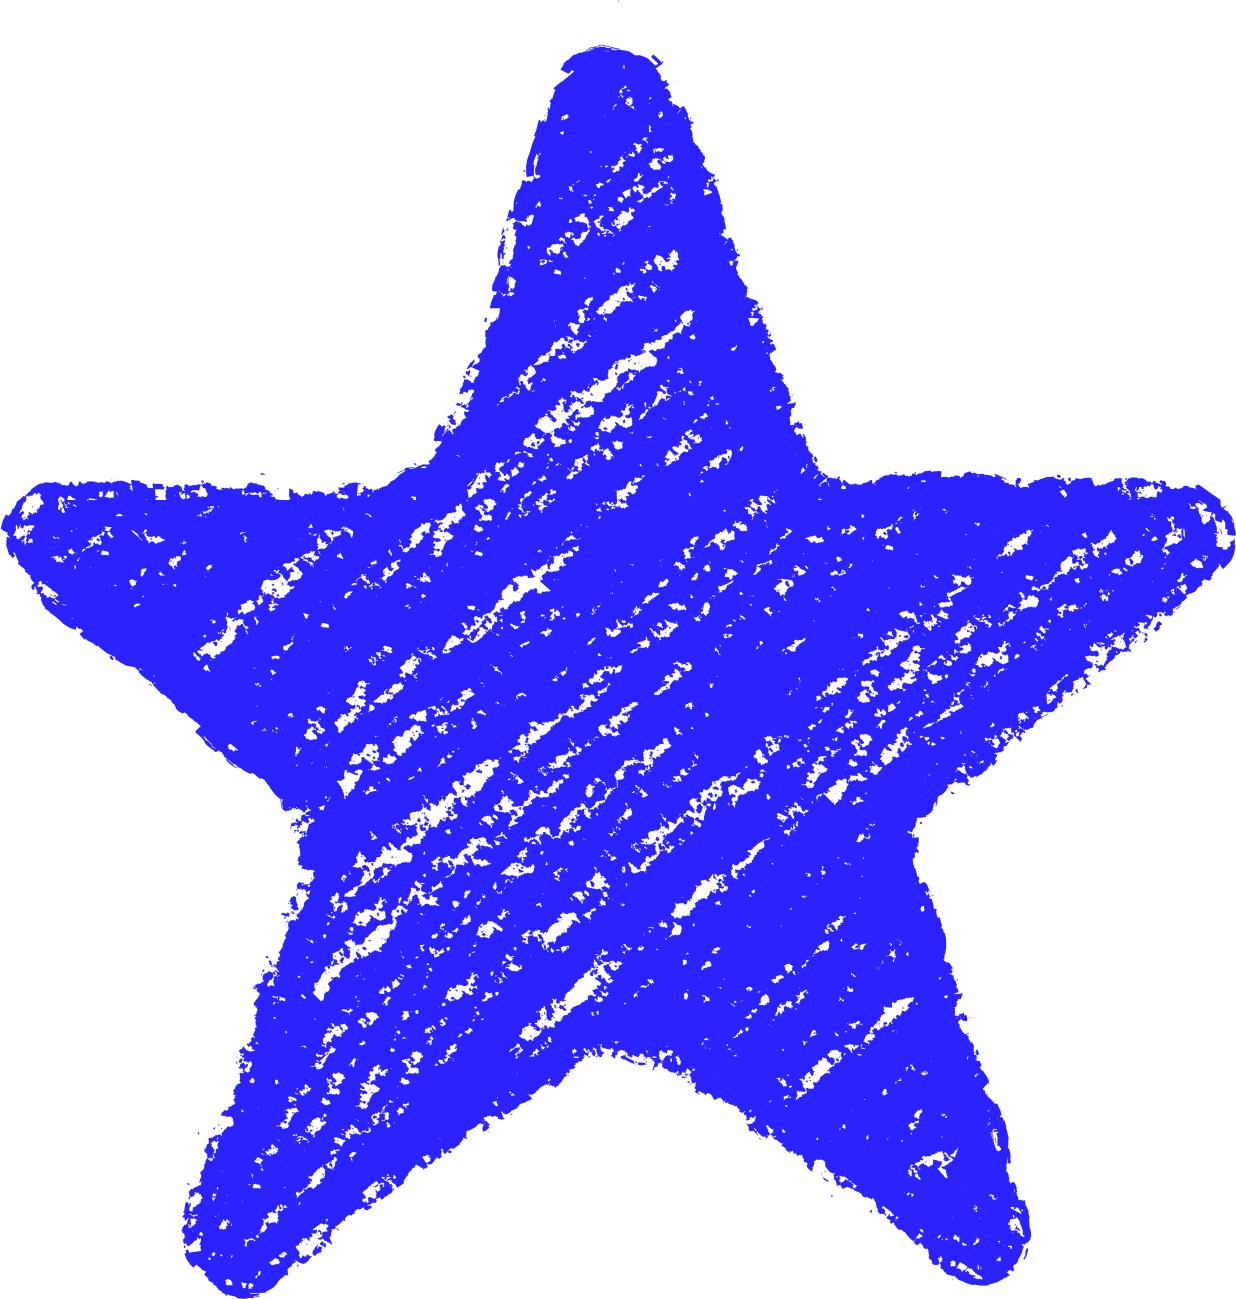 クレヨン塗り背景 紺色 新(ネイビー)星のイラスト star_d_navy